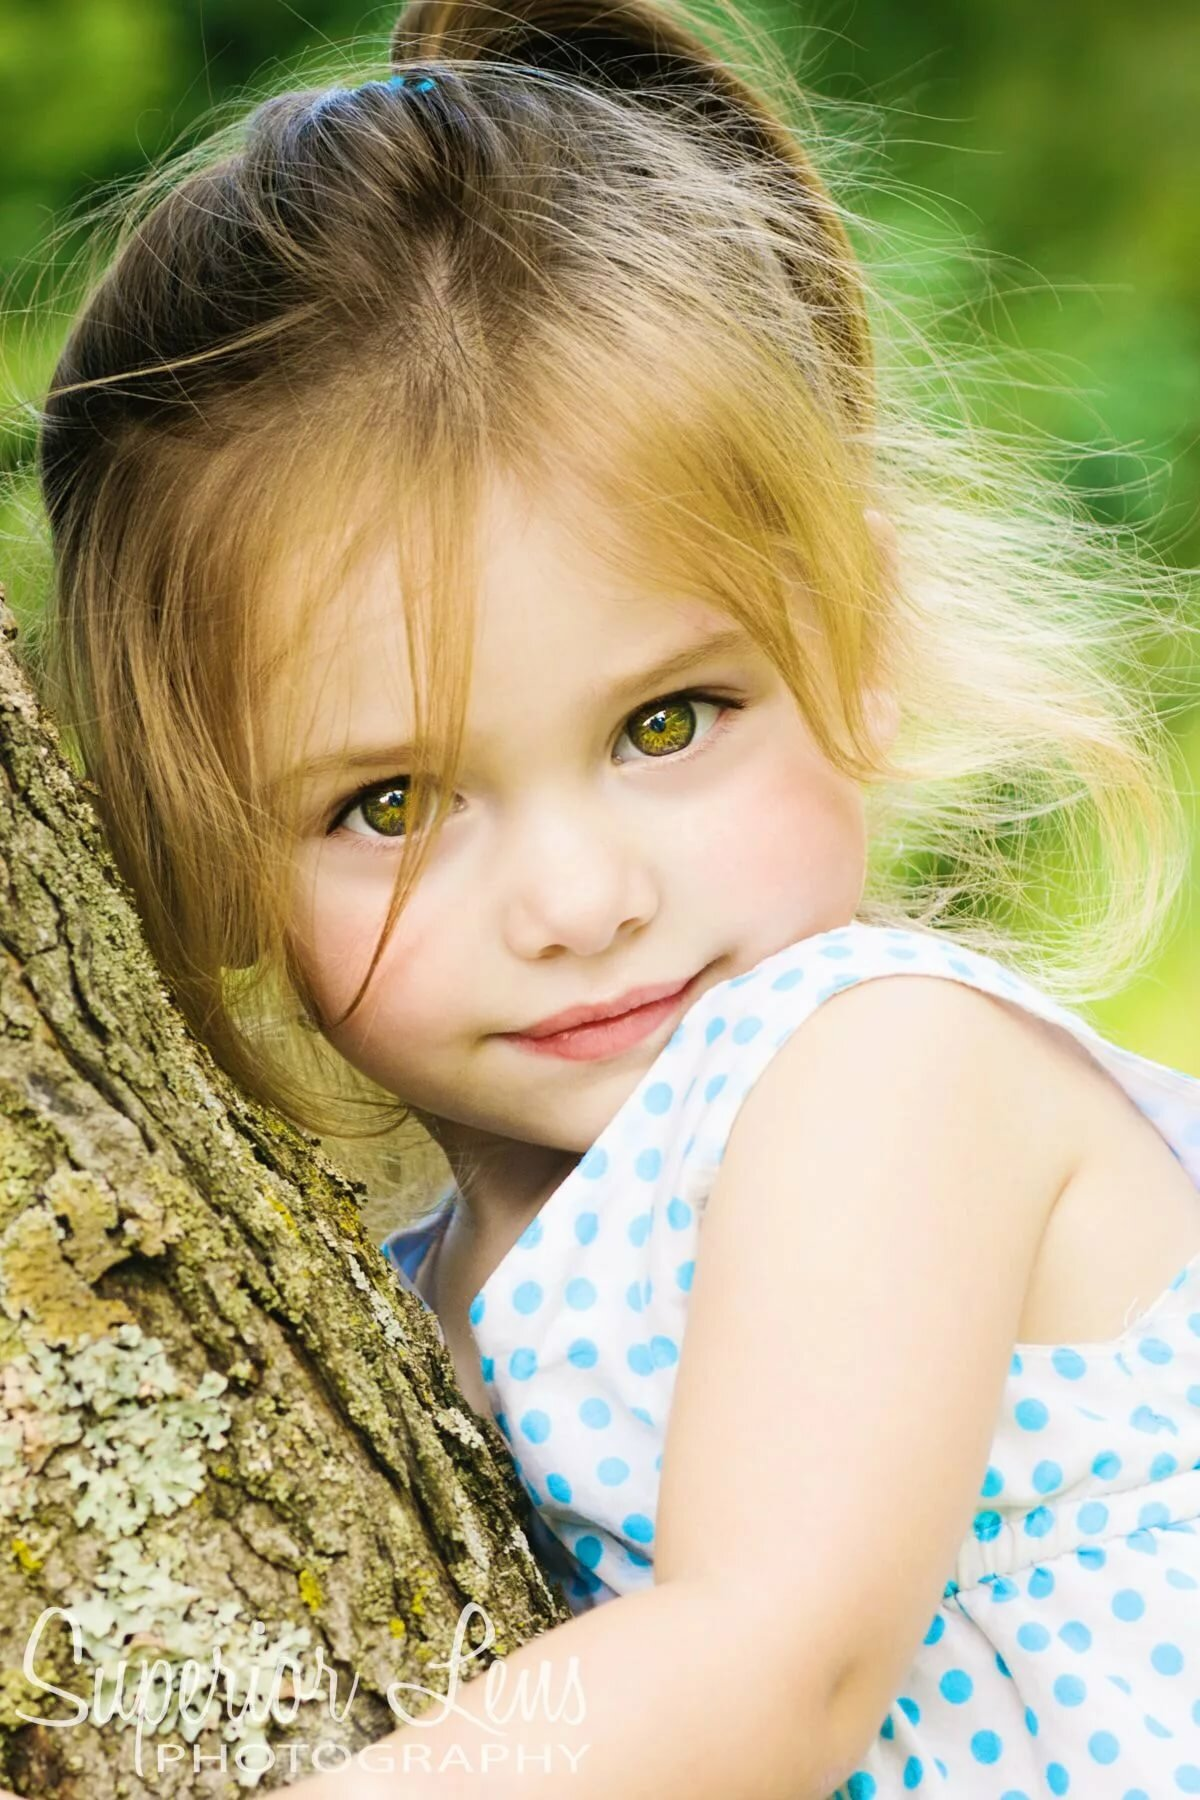 Красивые дети картинки и фото